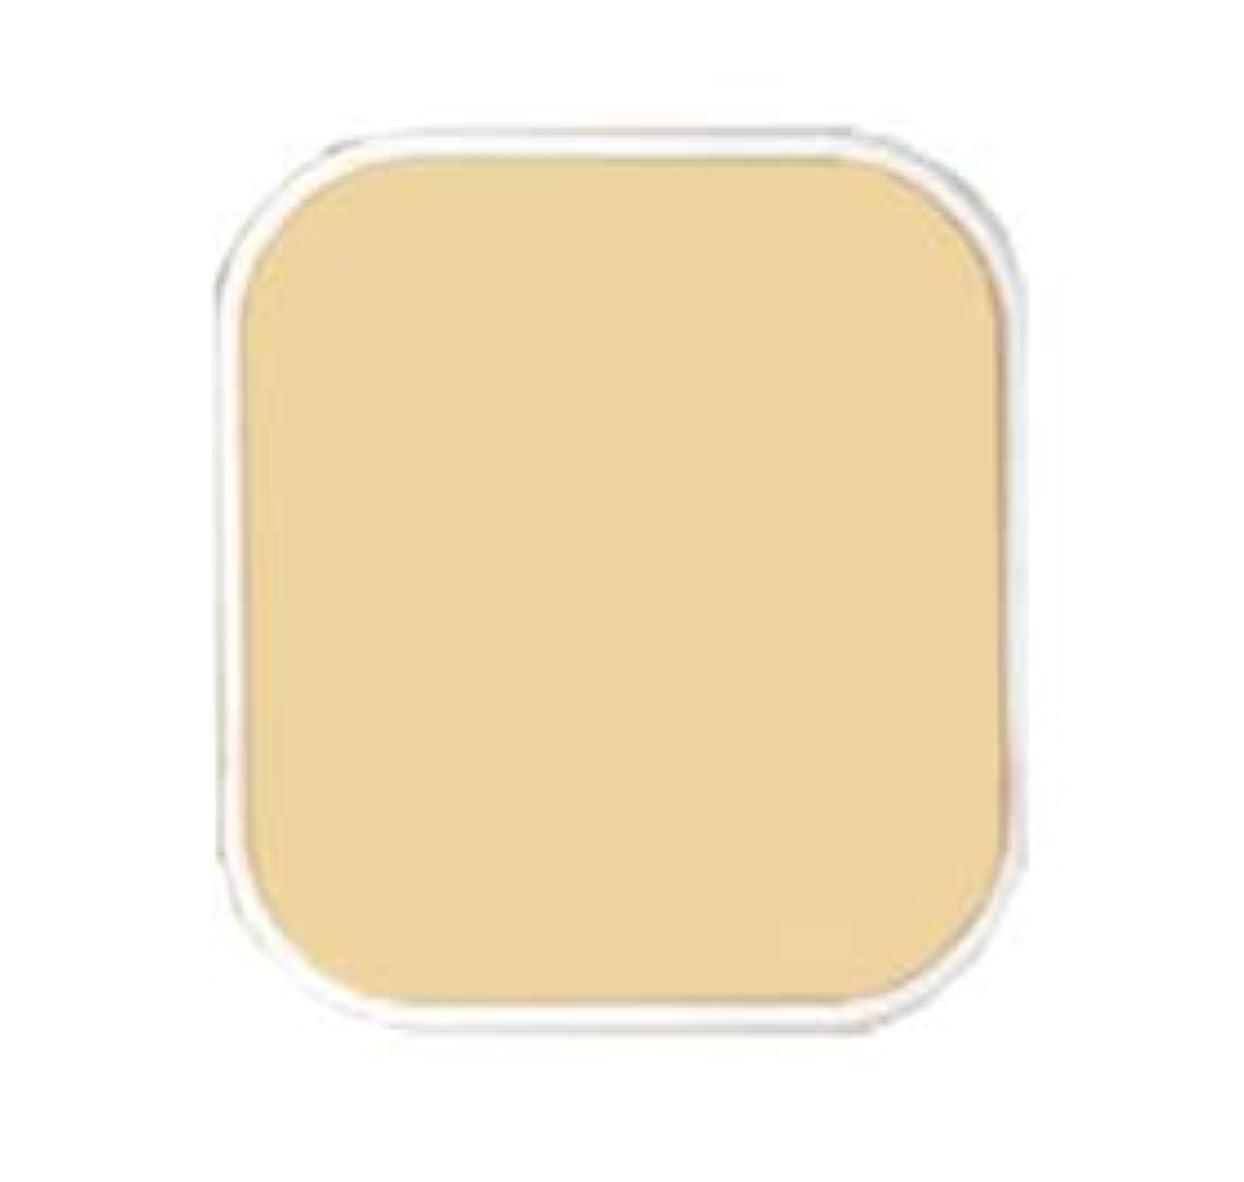 アクセーヌ クリーミィファンデーションPV(リフィル)<O10明るいオークル系>※ケース別売り(11g)